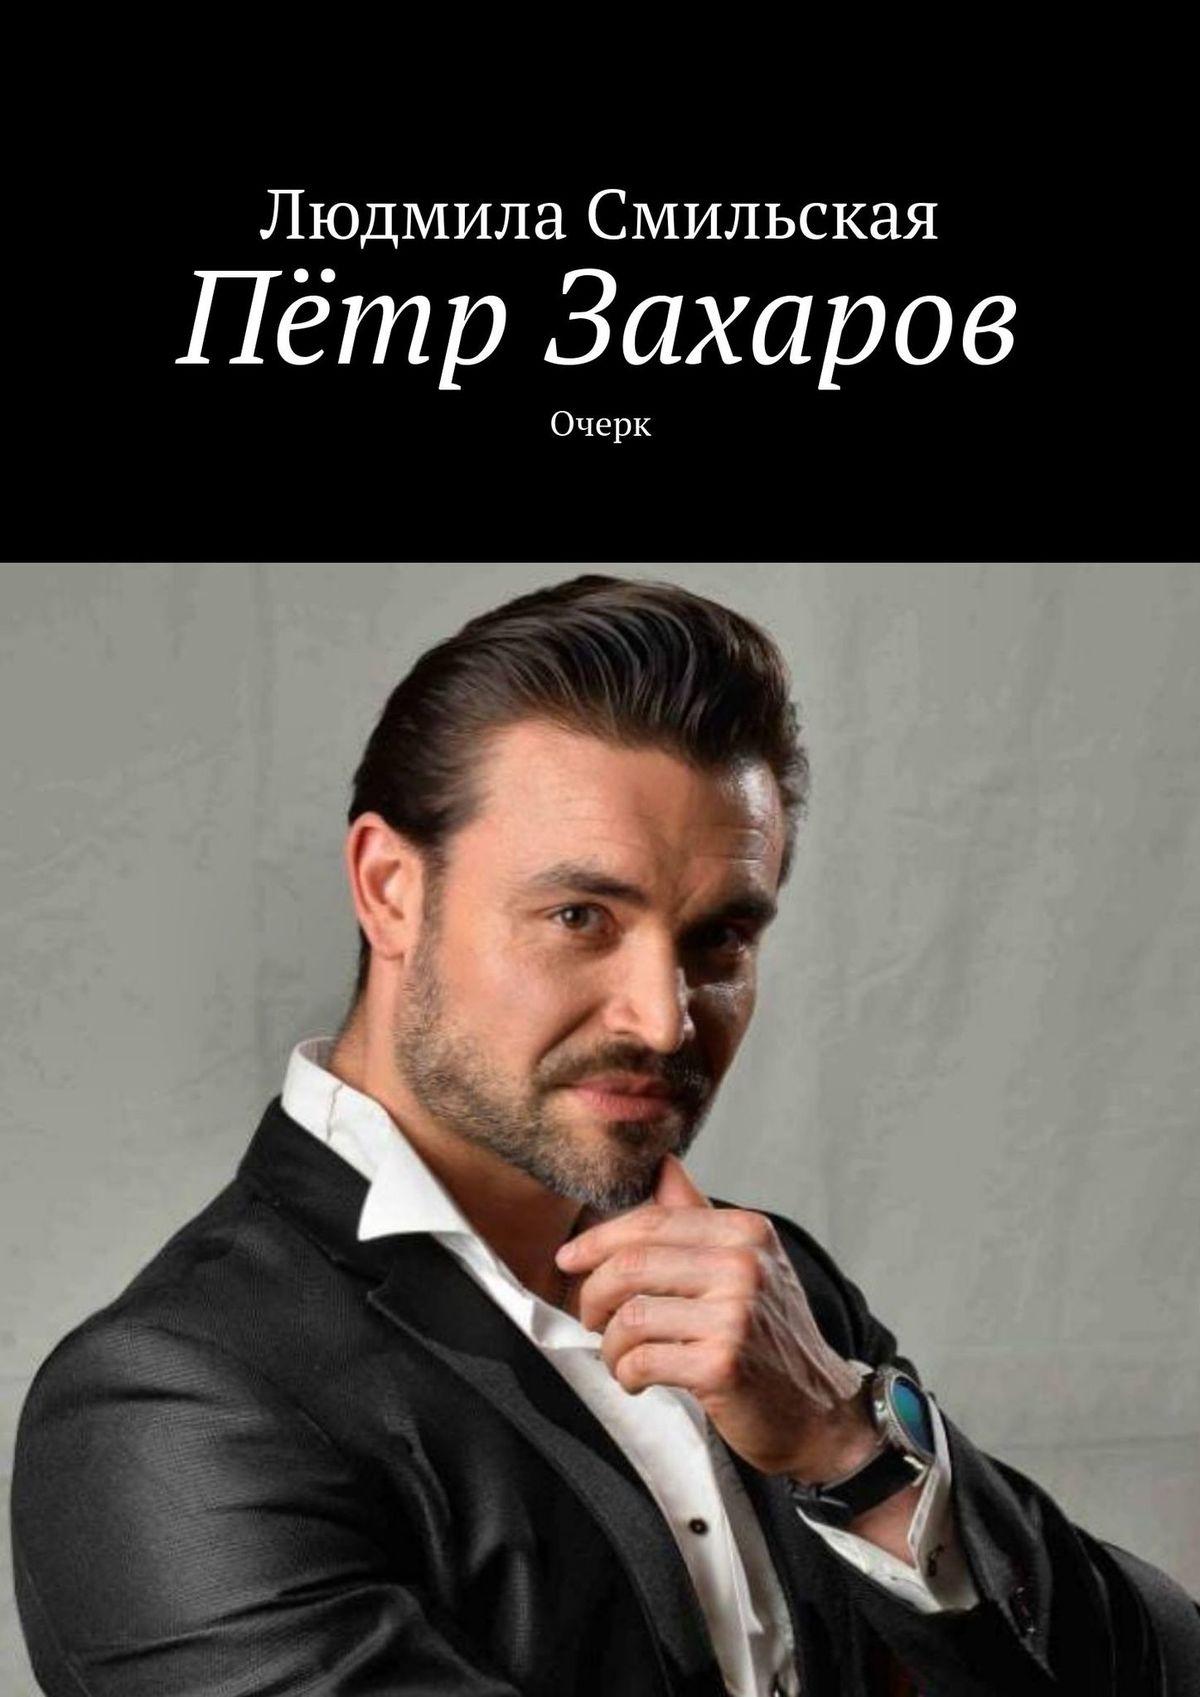 Пётр Захаров. Очерк